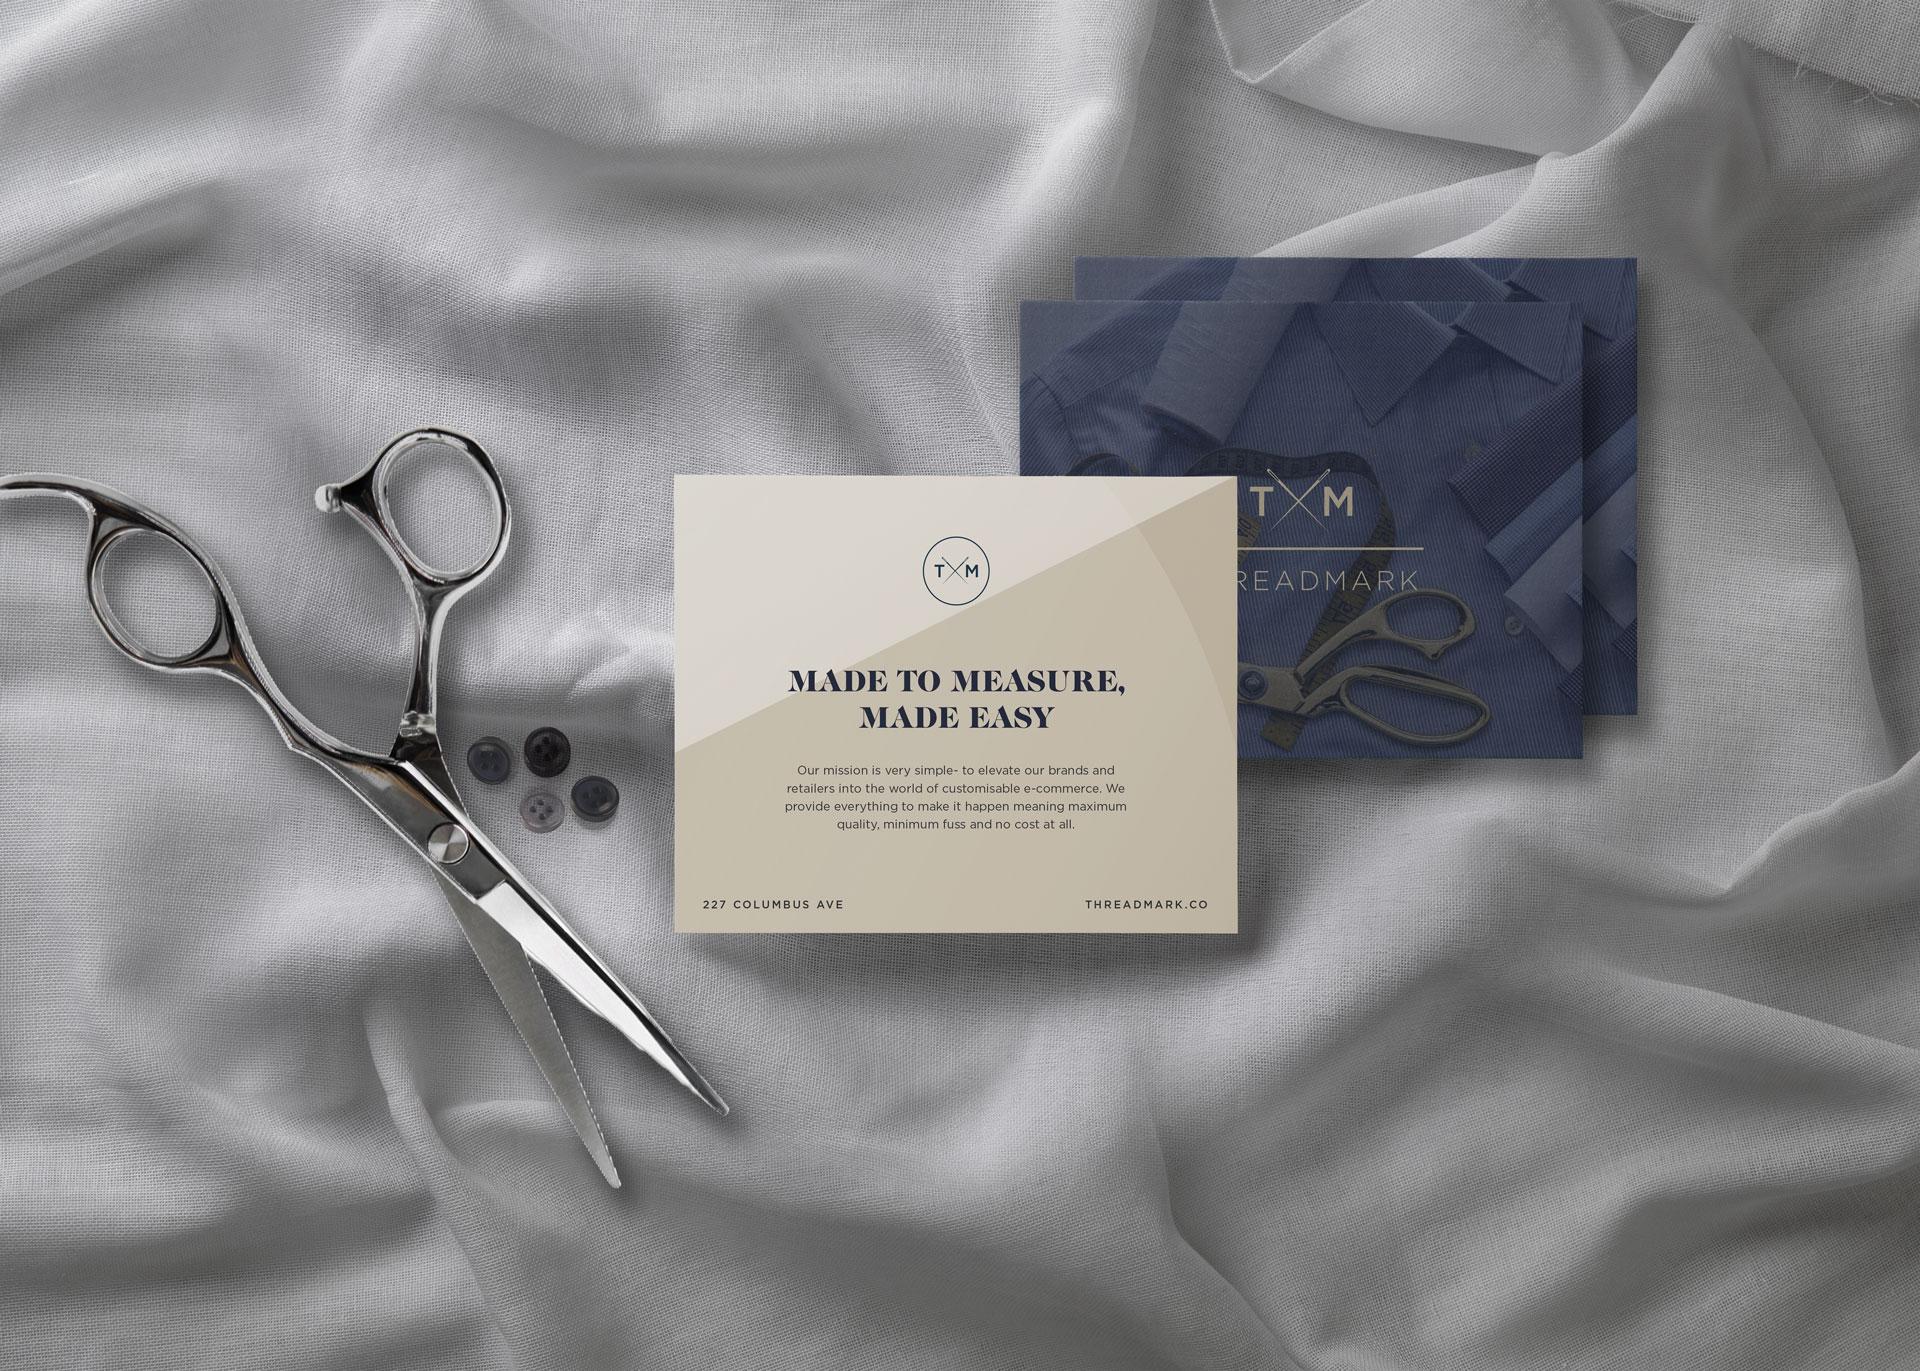 threadmark-card